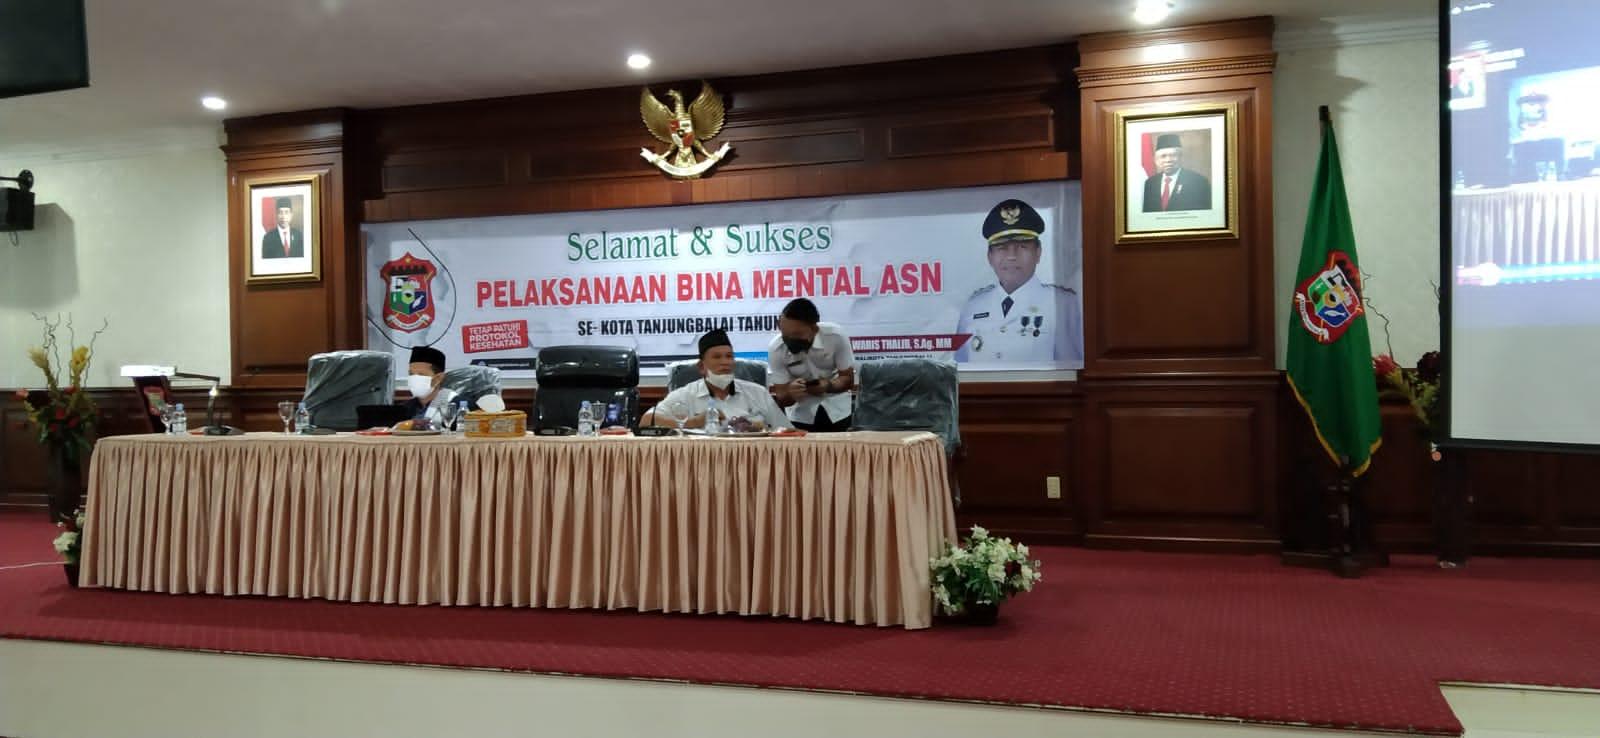 Pemkot Tanjungbalai Gelar Bina Mental Bagi Aparatur Sipil Negara